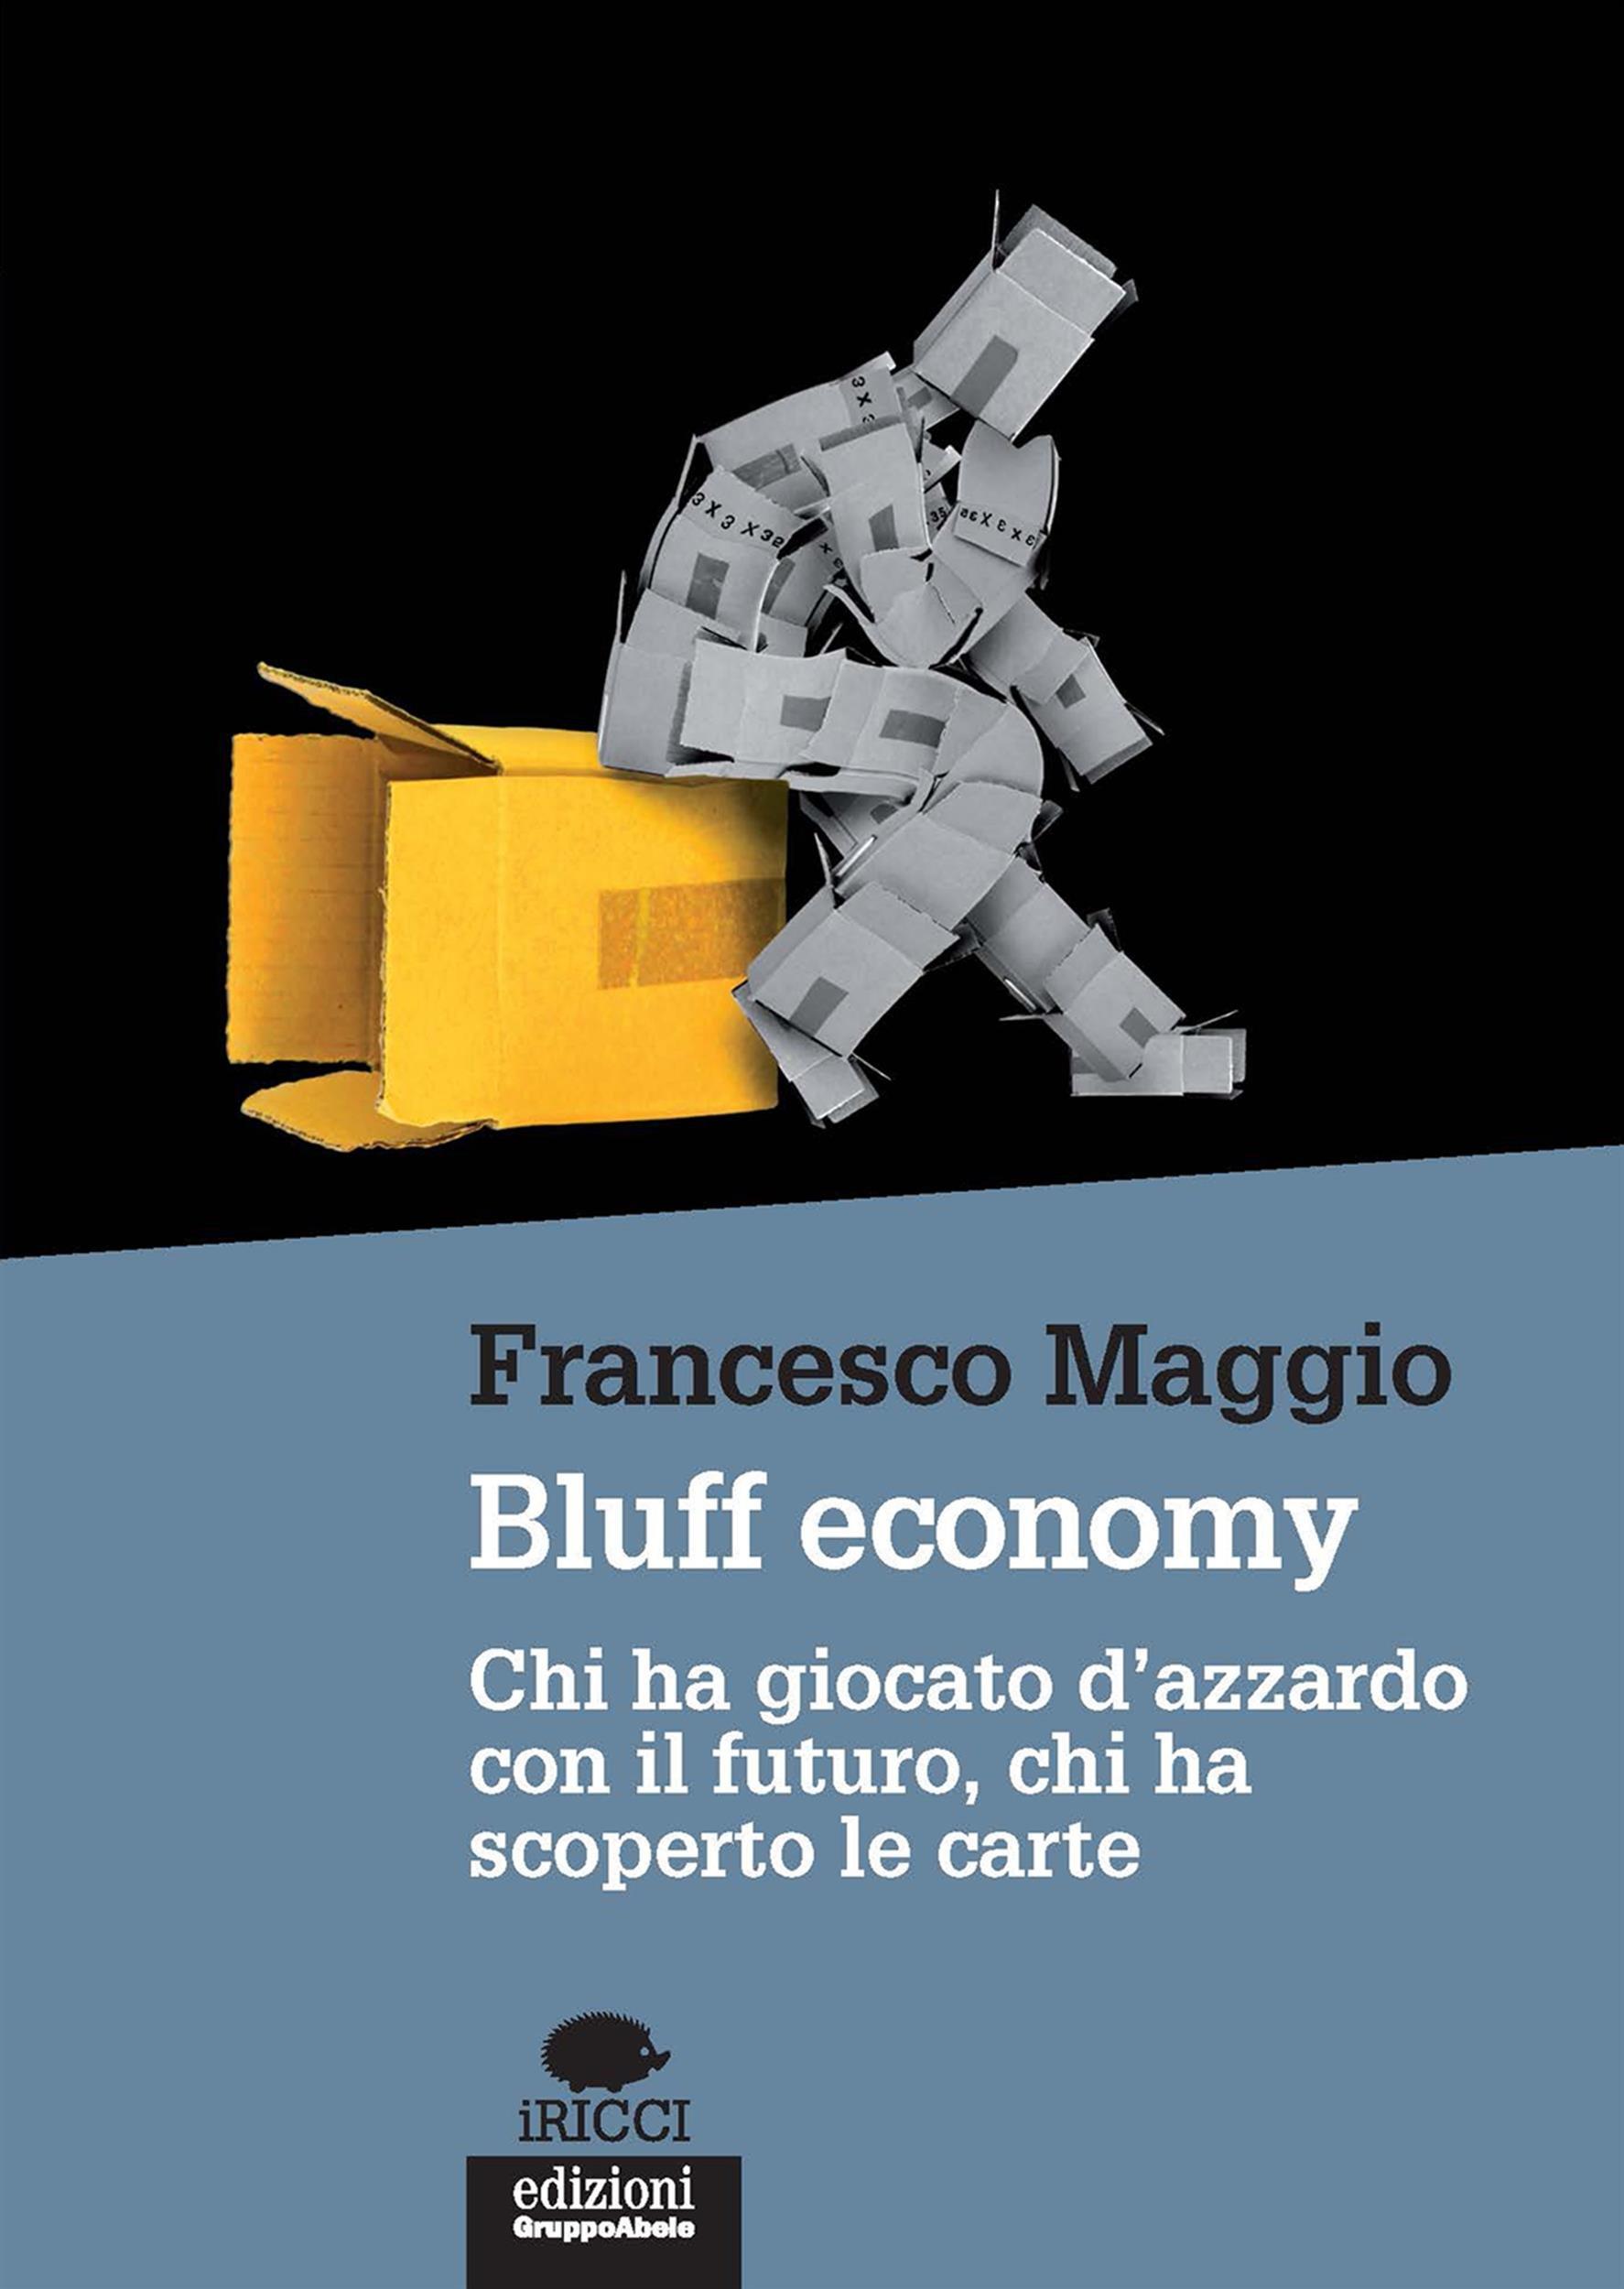 Bluff economy: Chi ha giocato d'azzardo con il futuro, chi ha scoperto le carte (Italian Edition)